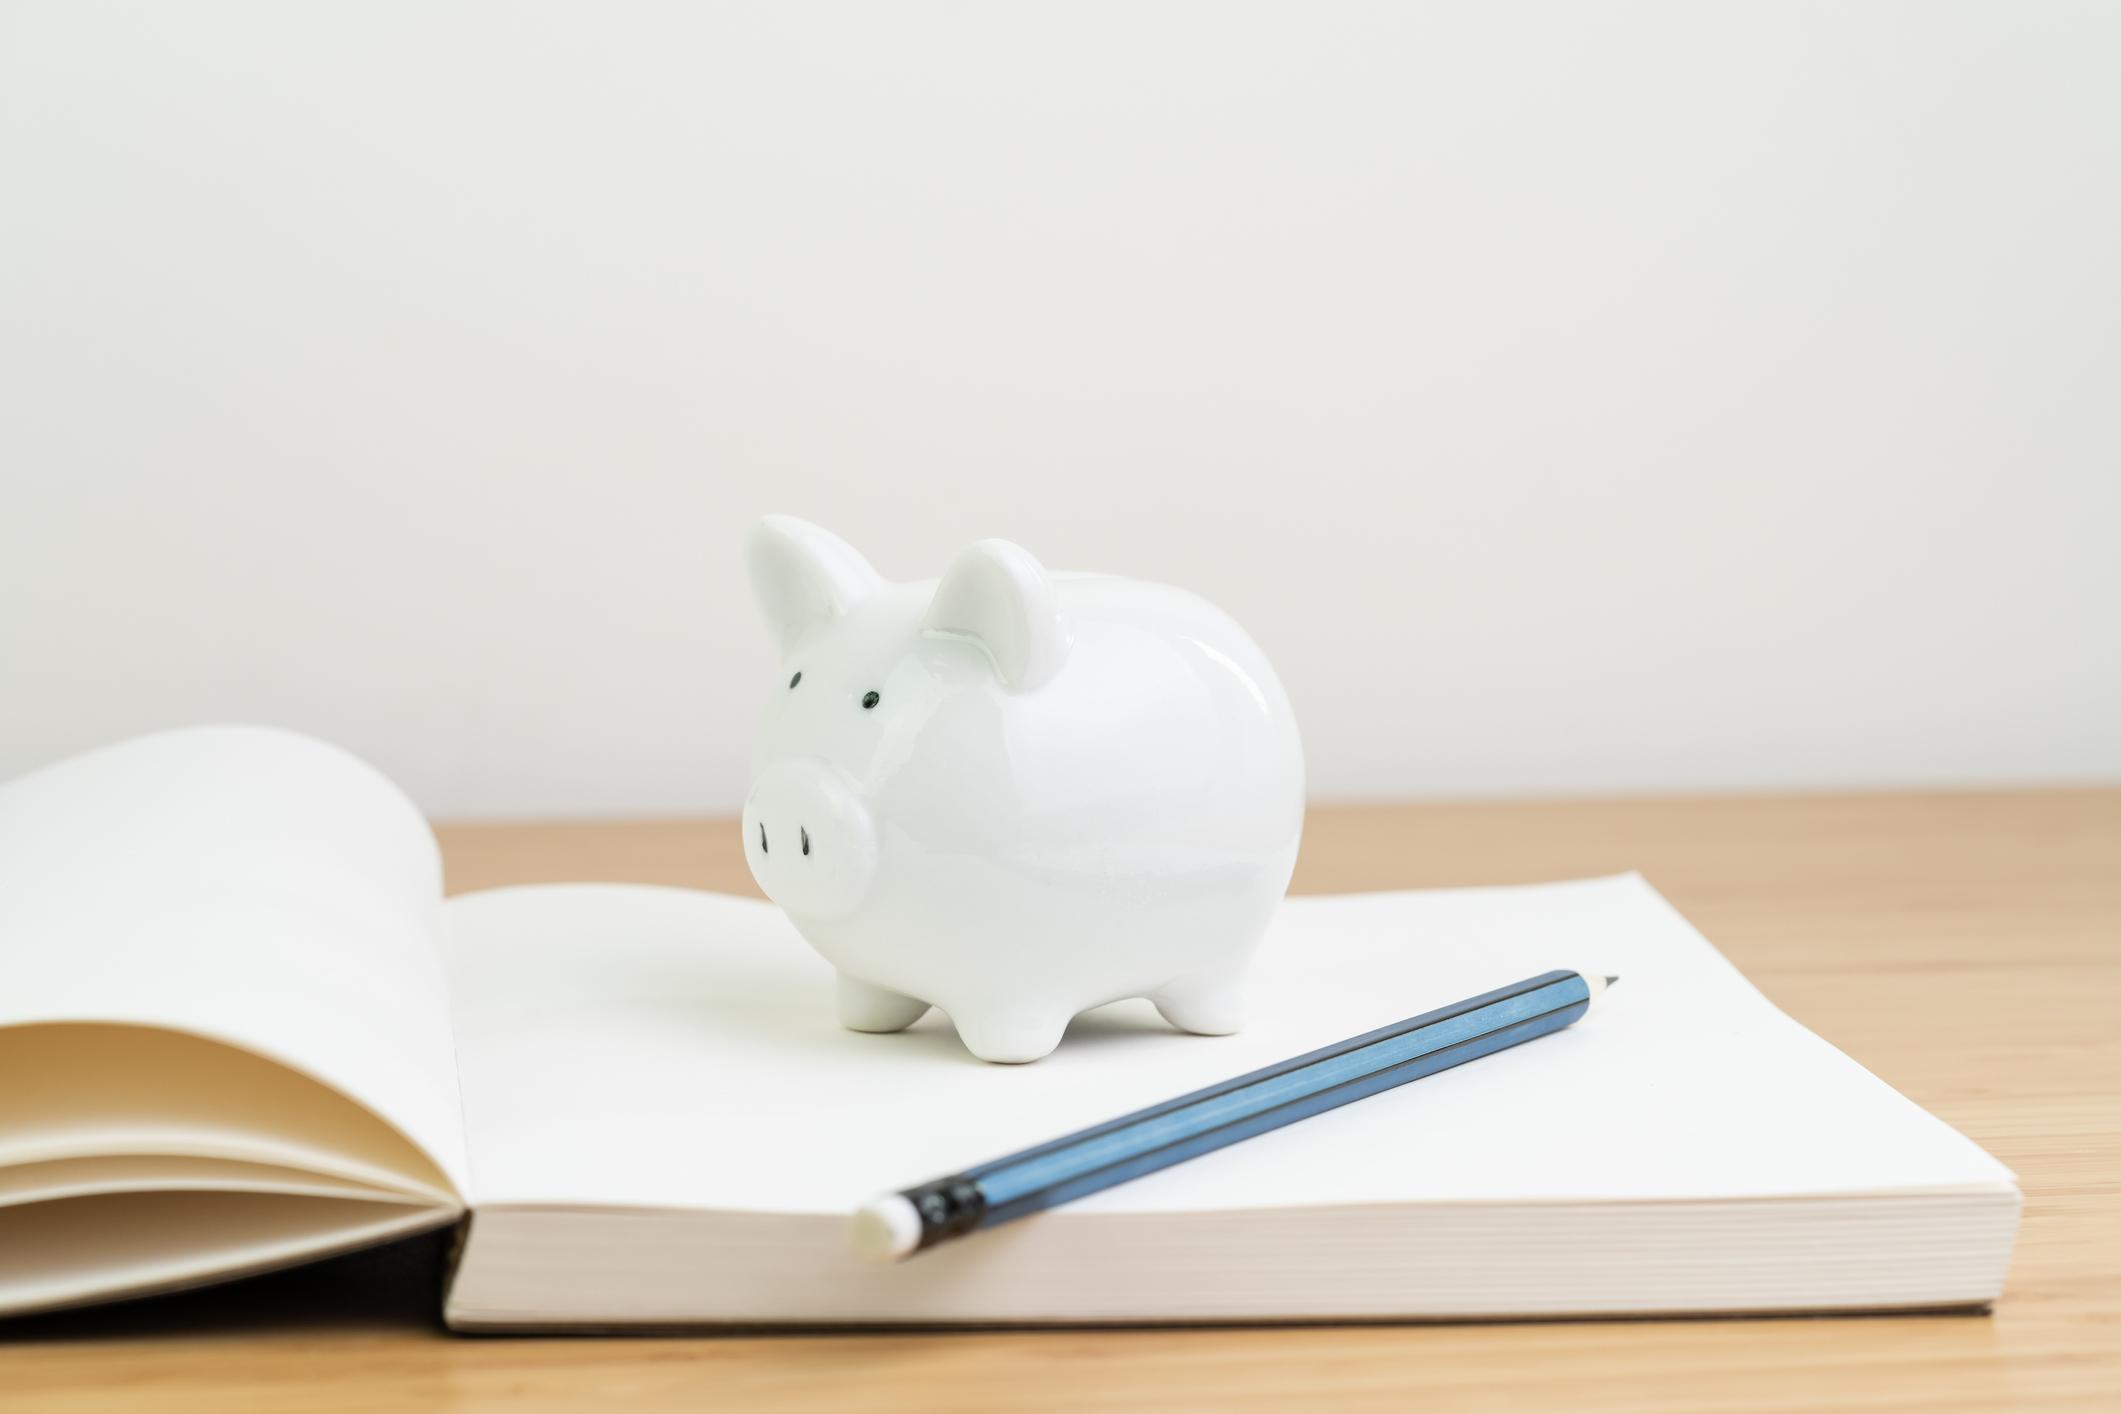 Forskjeller mellom bankkort og kredittkort